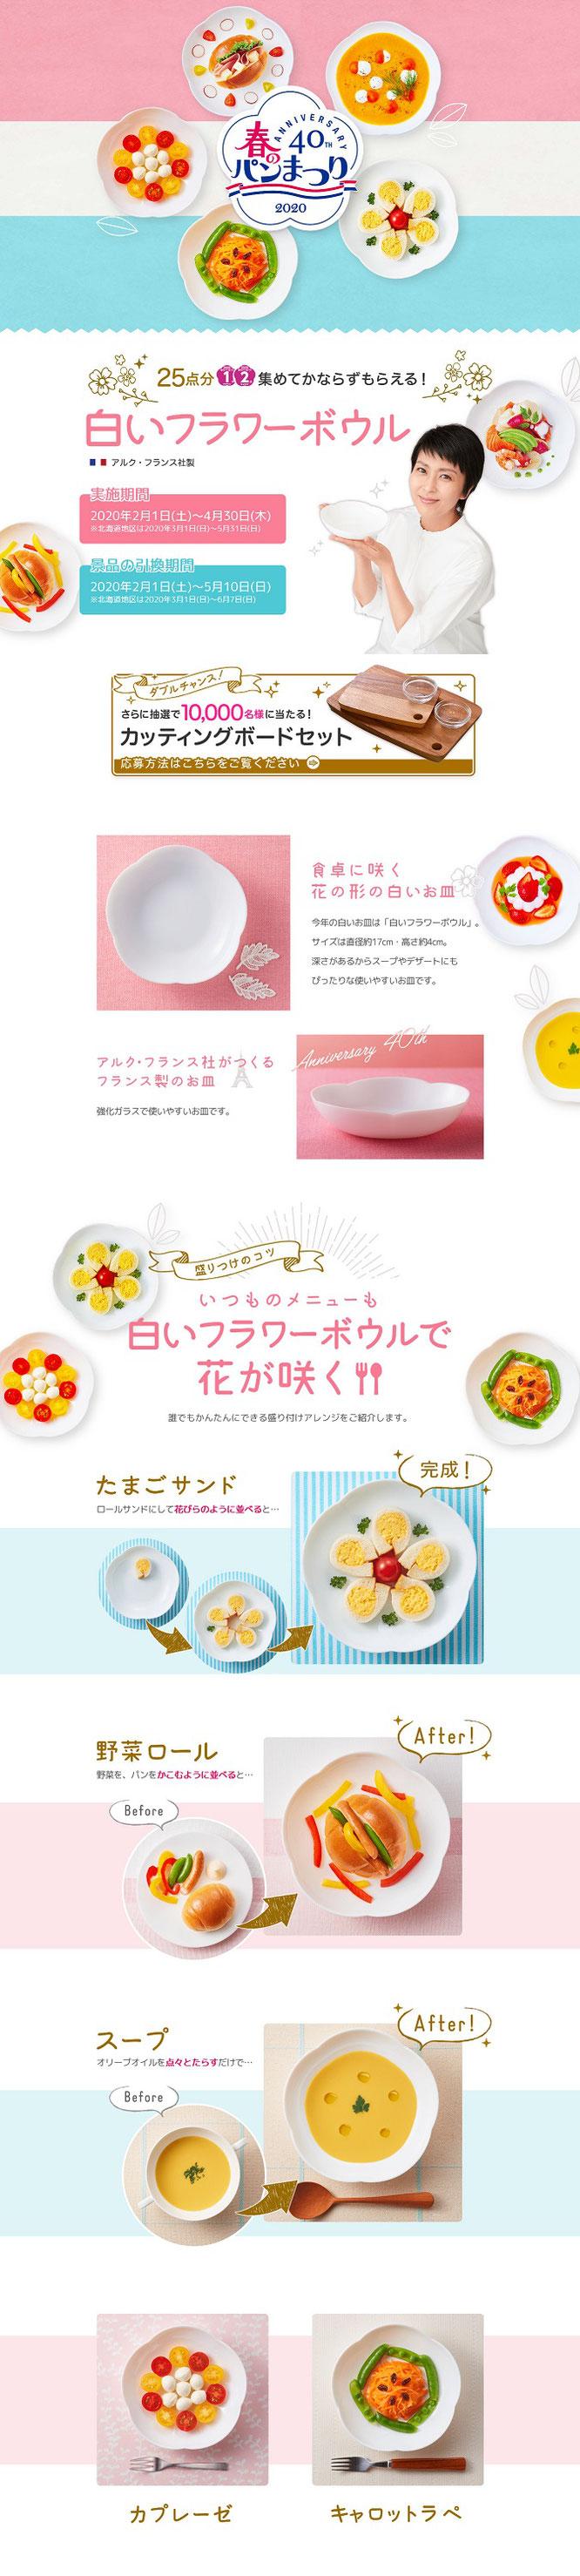 【ヤマザキ】春のパンまつりキャンペーン2020